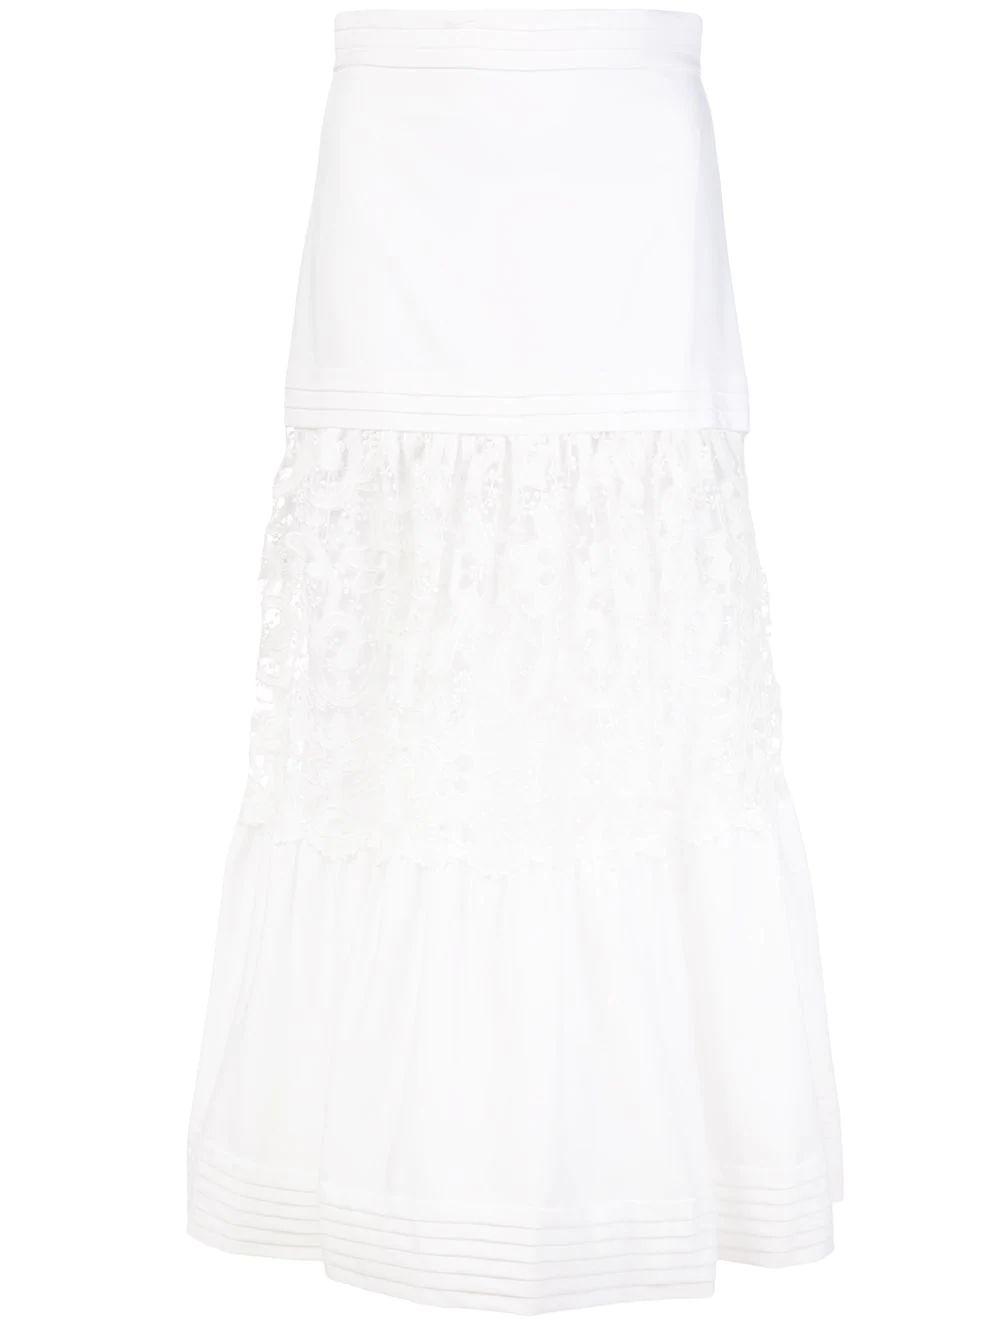 Gwenda Eyelet Midi Skirt Item # A5200902-5908